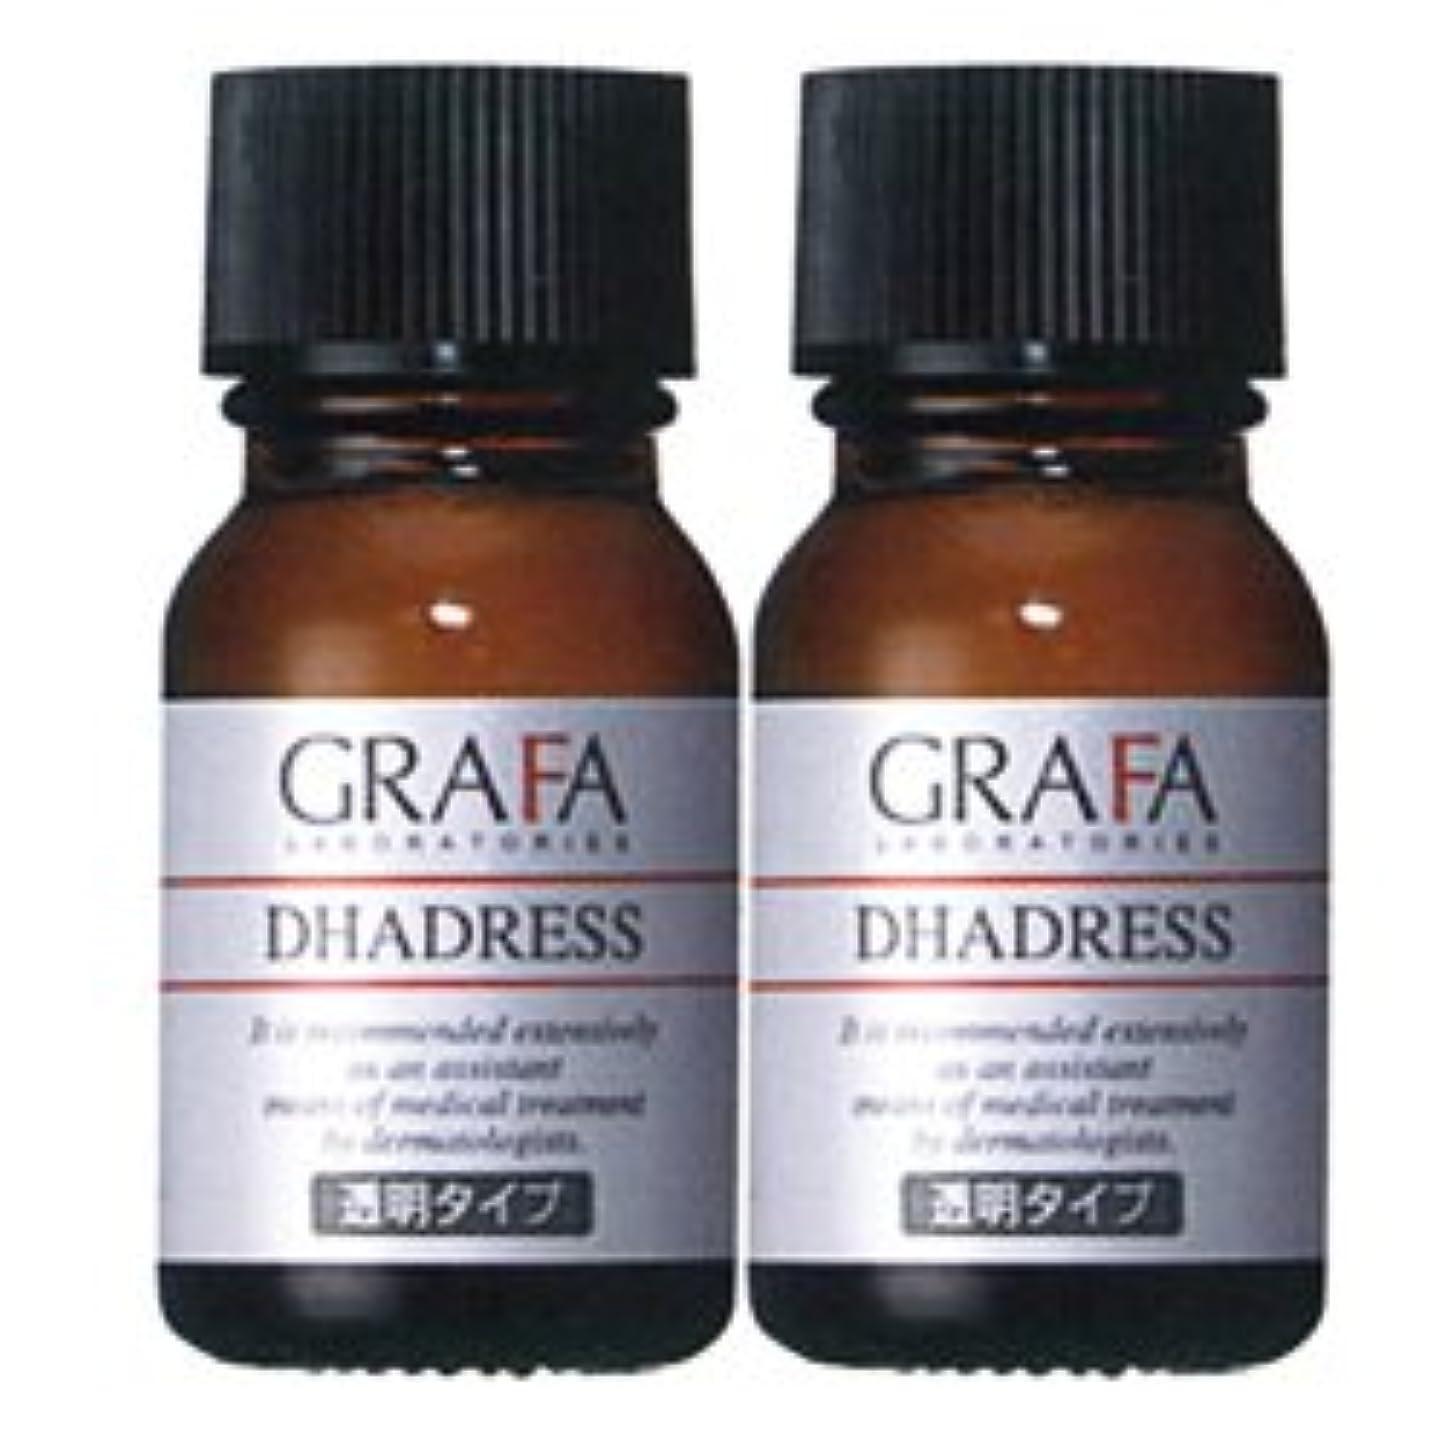 ほかにマティス証明するグラファ ダドレス (透明タイプ) 11mL 着色用化粧水 GRAFA DHADRESS